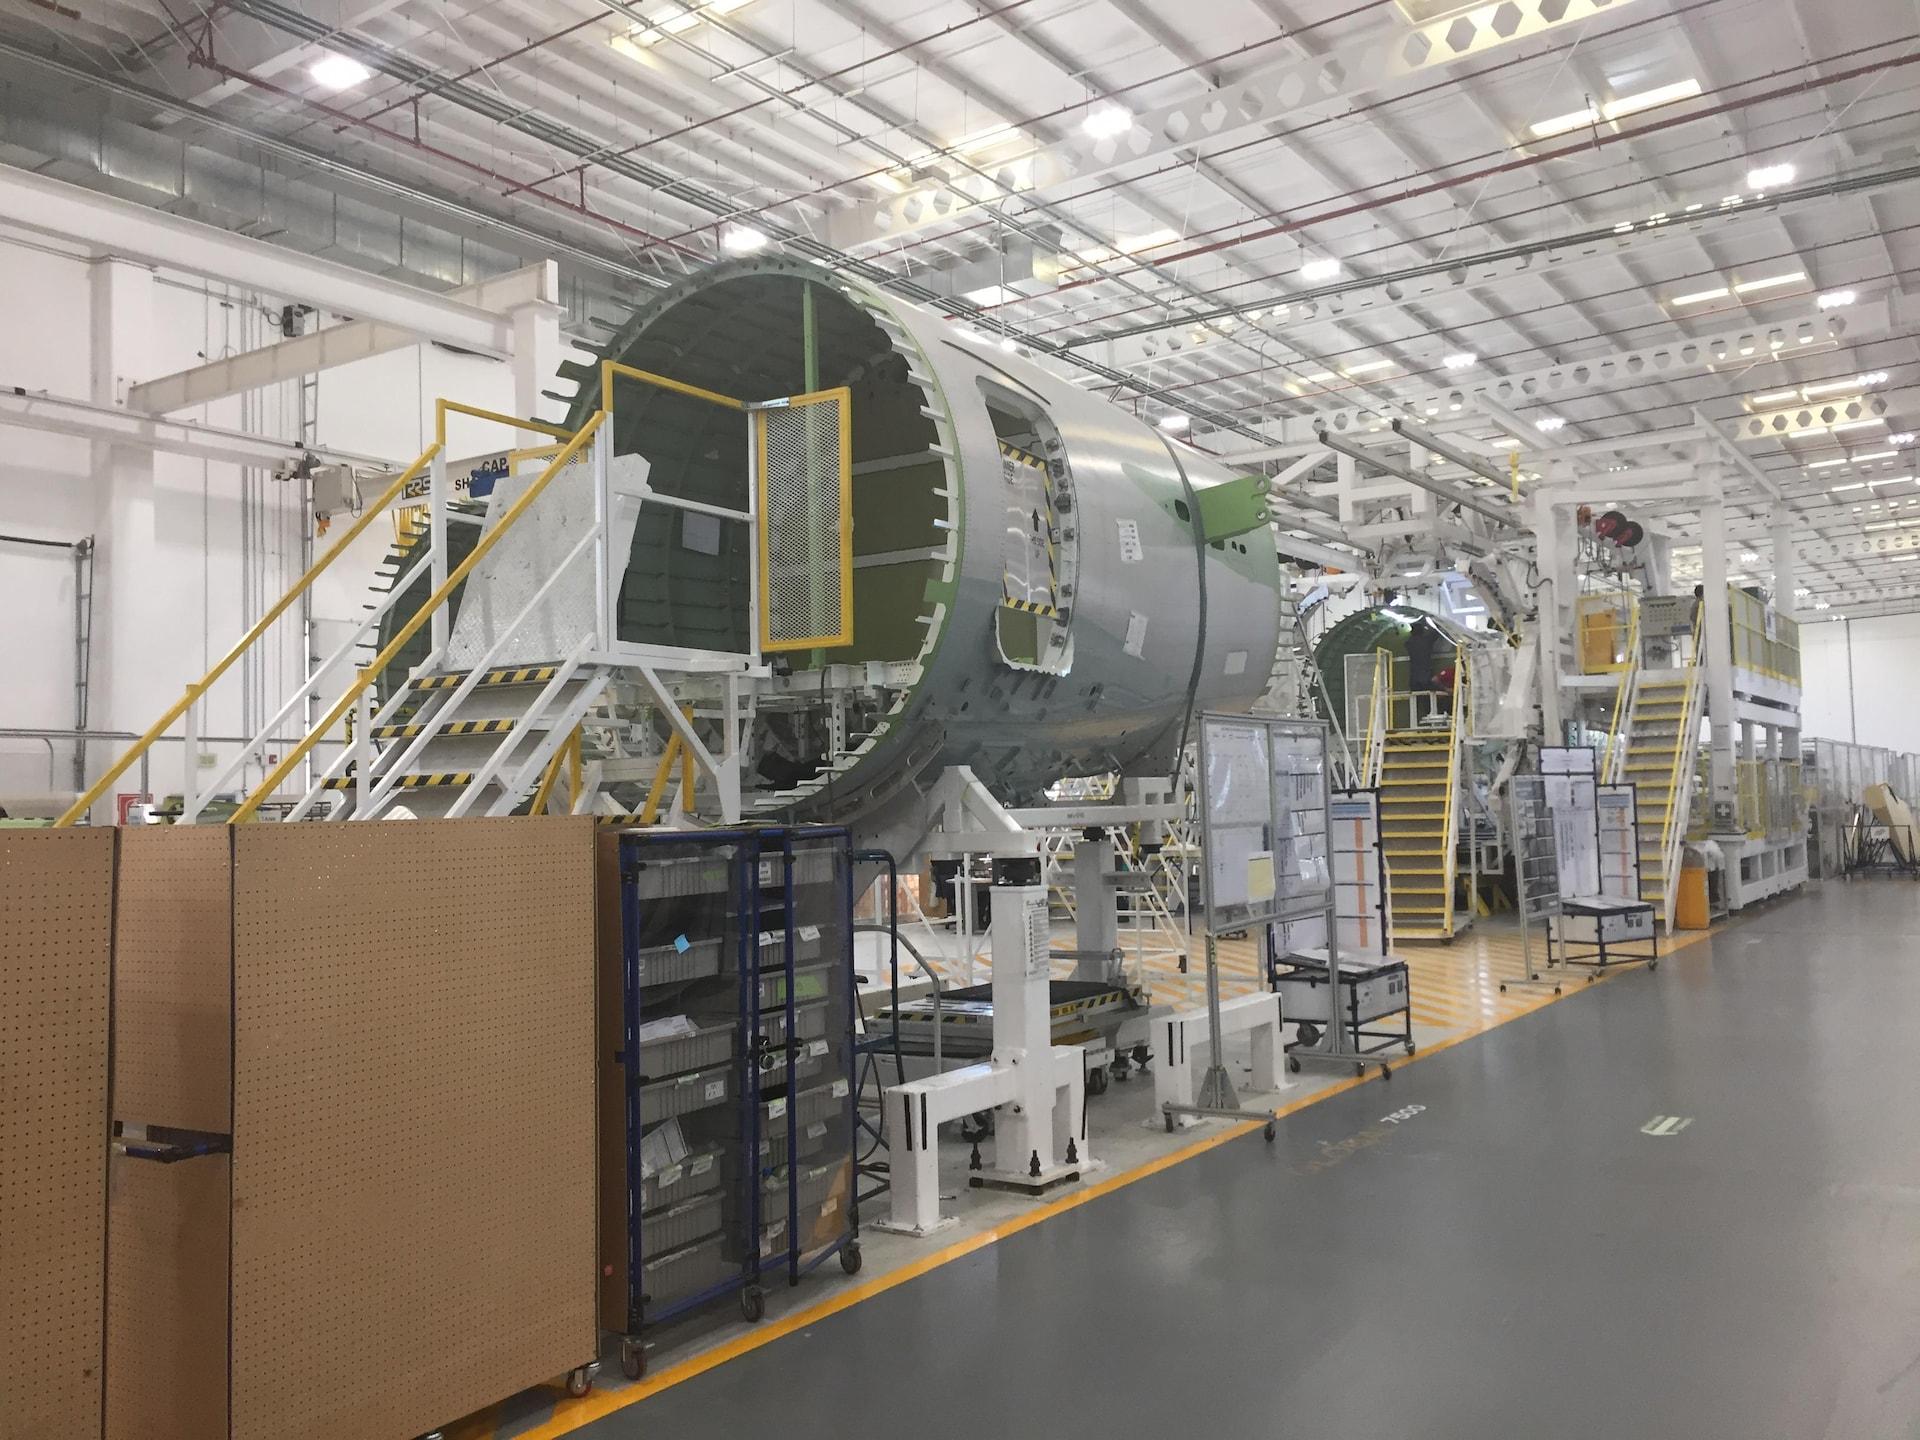 Des fuselages dans une usine.